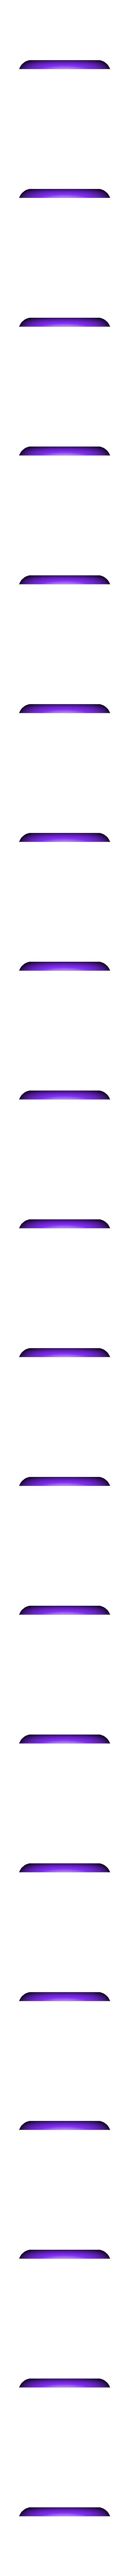 Innova coaster.stl Download free STL file Disc Golf Coaster set • 3D printable design, parkerpate28